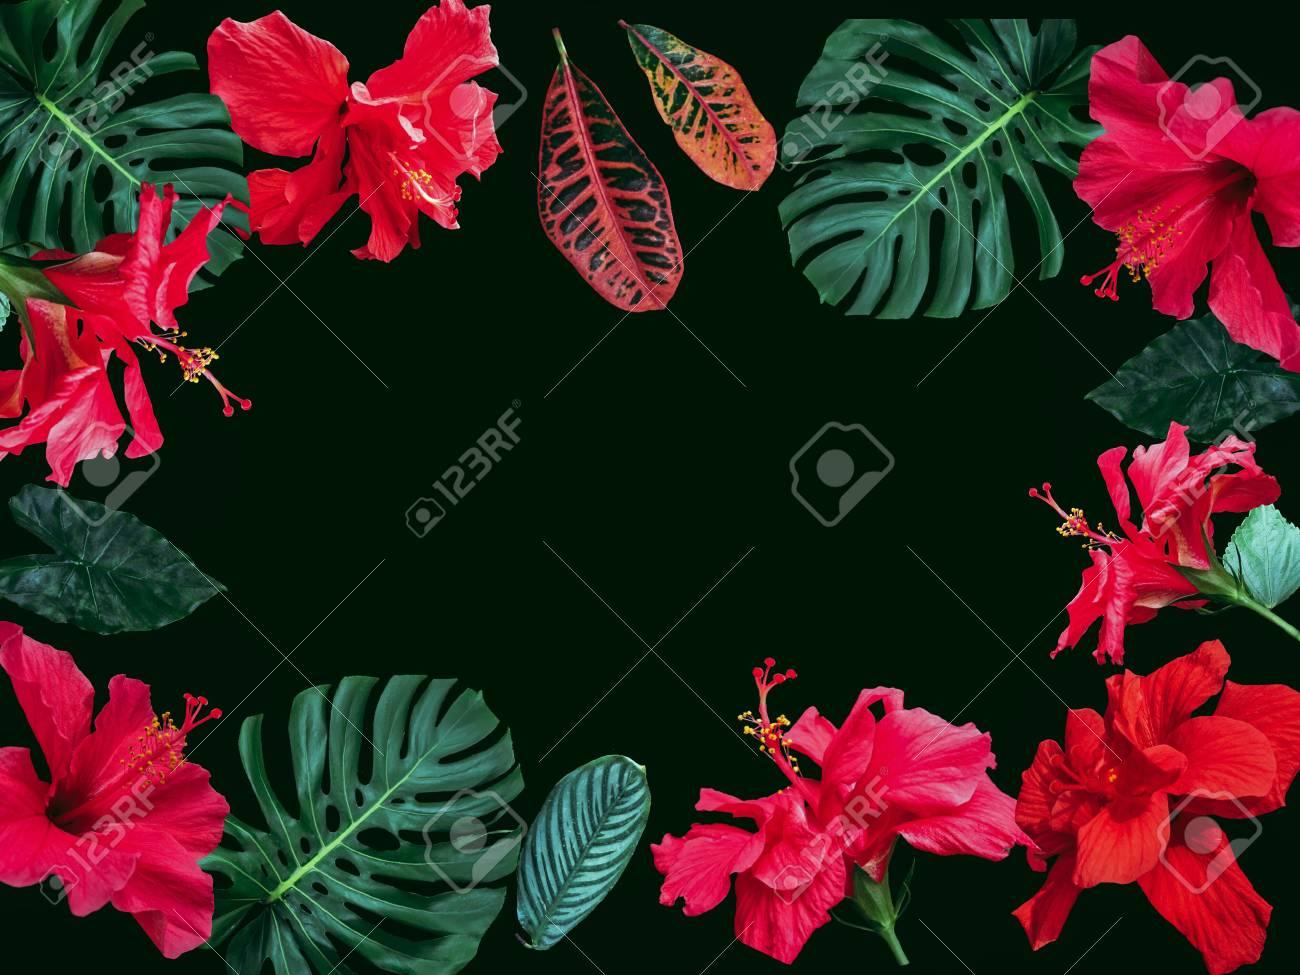 Fondo Romántico Para El Marco De La Naturaleza Con Flores Y Hojas ...